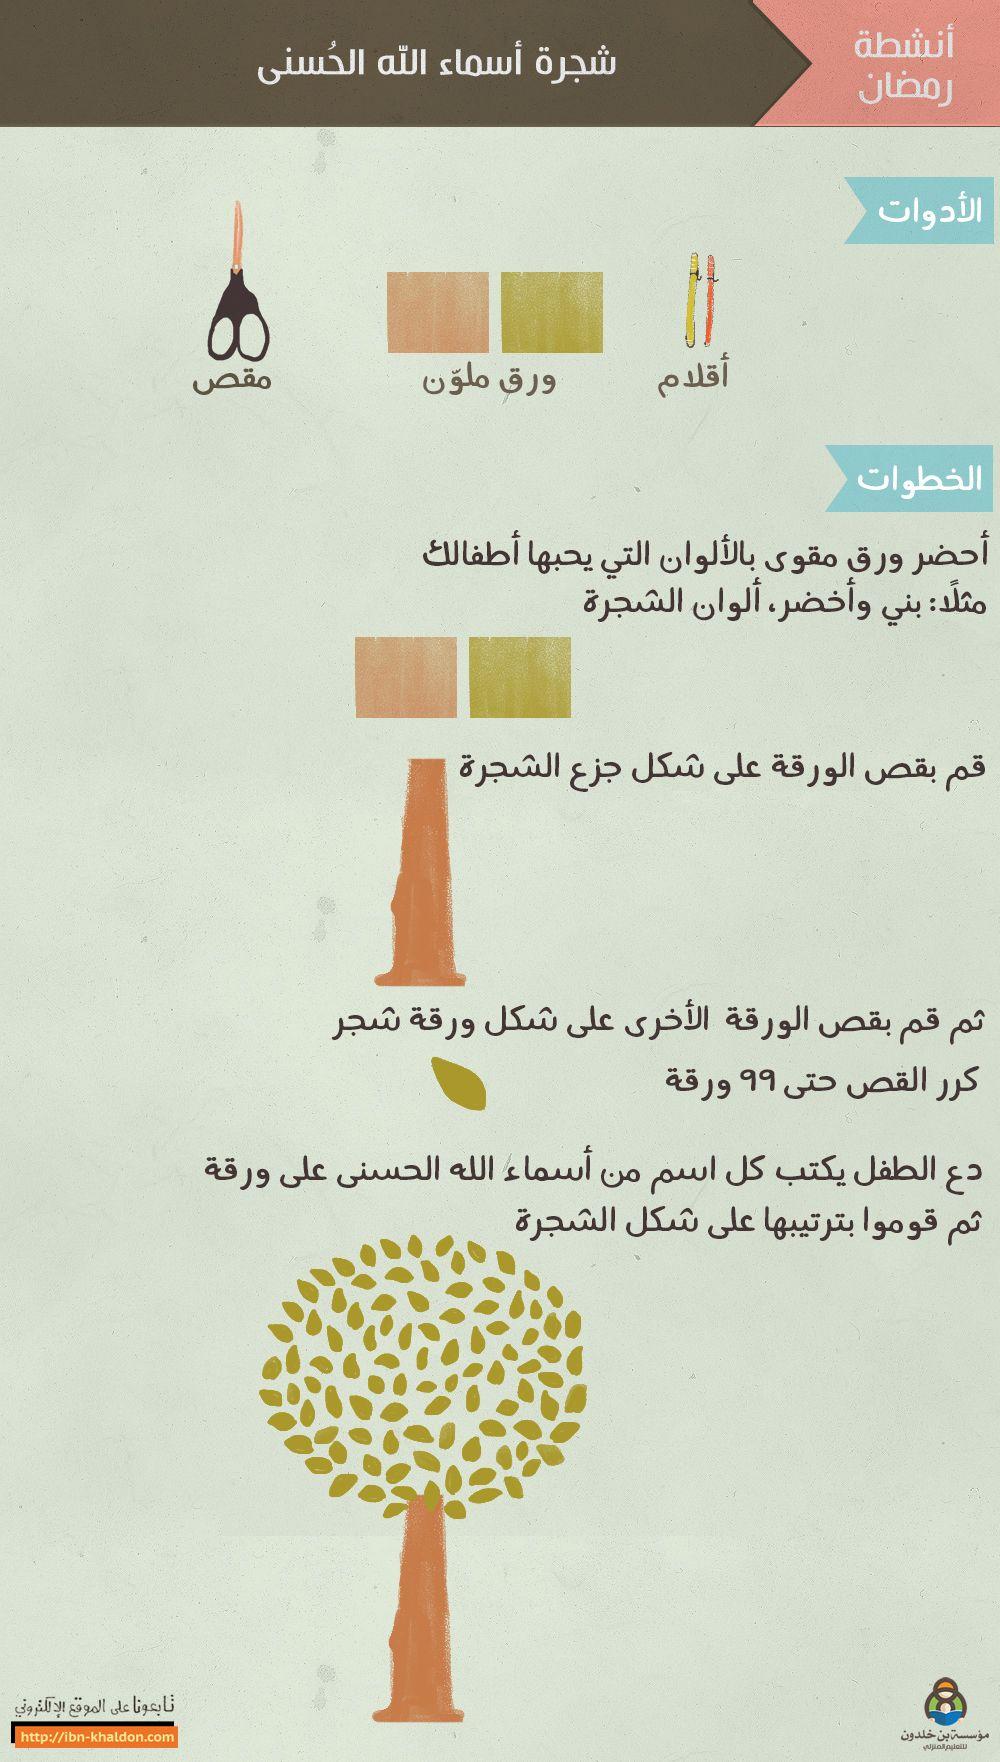 ادوات تصميم رمضان